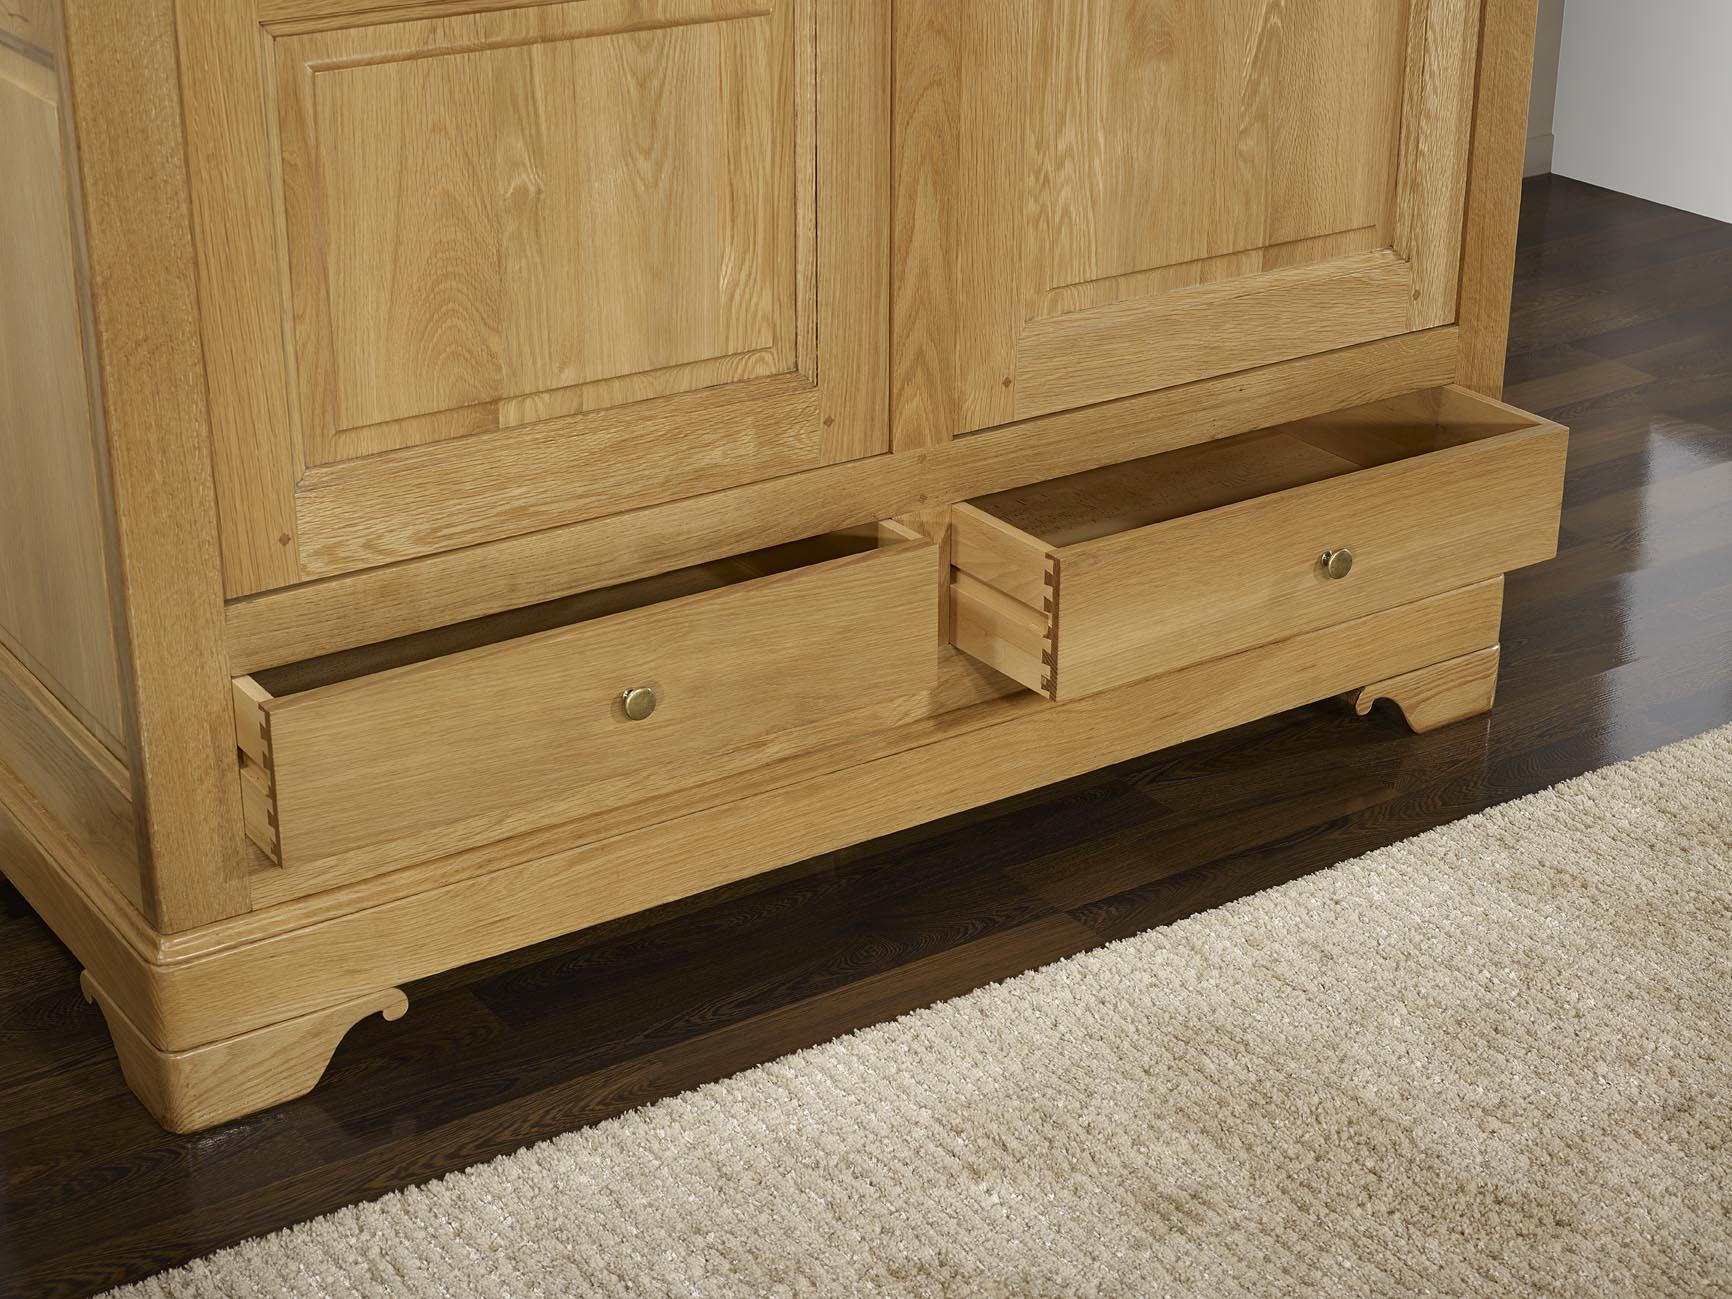 armoire 2 portes 2 tiroirs hugo en ch ne massif de style louis philippe meuble en ch ne massif. Black Bedroom Furniture Sets. Home Design Ideas